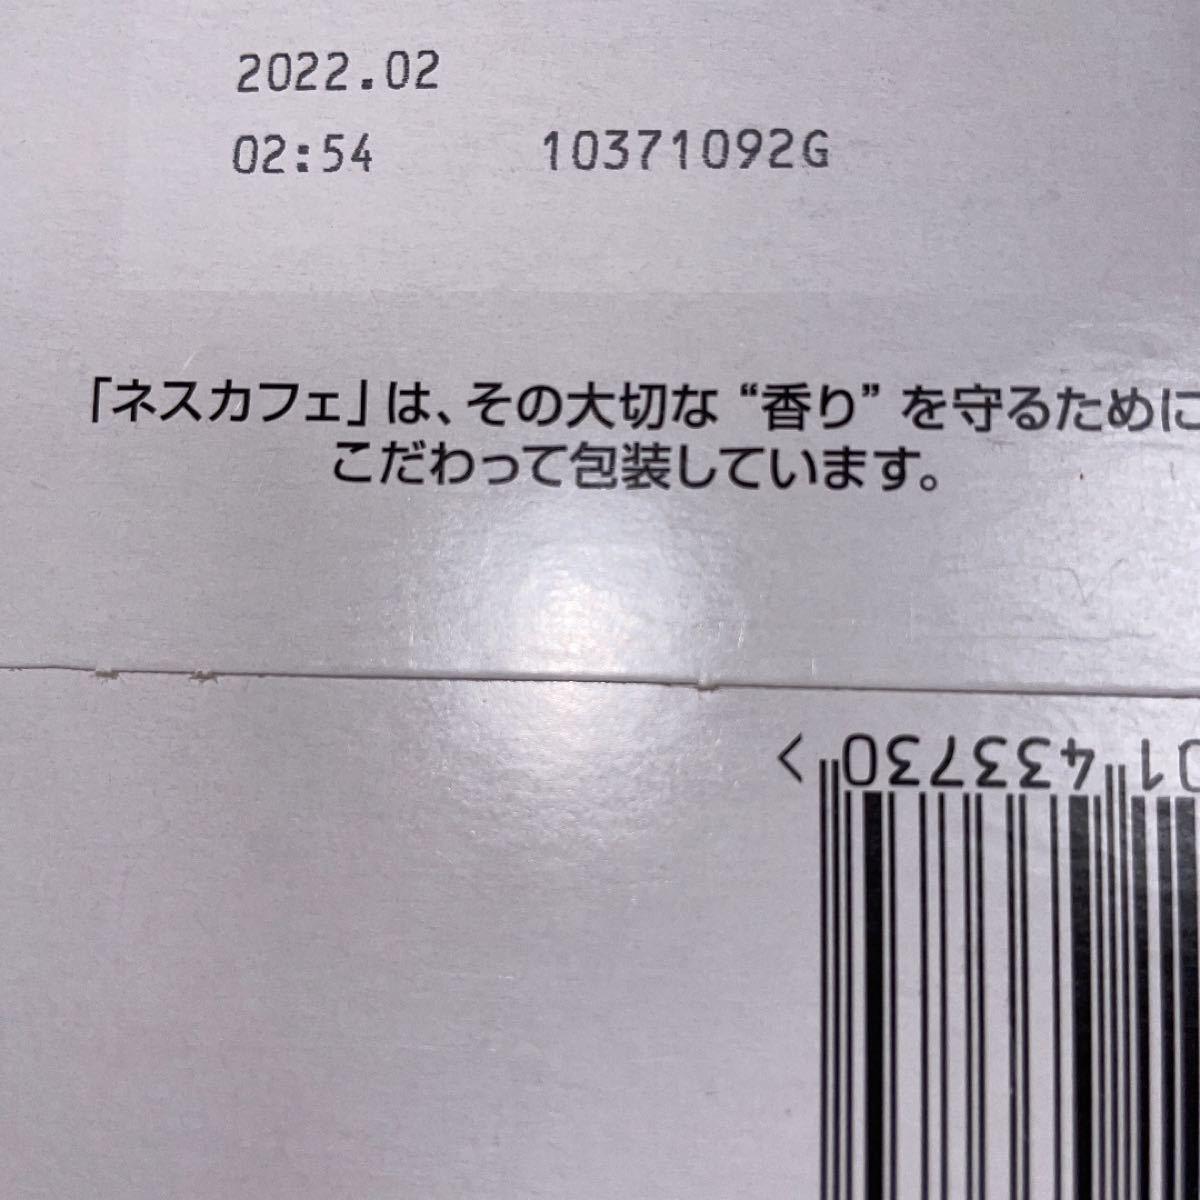 ネスカフェ ドルチェ グスト 専用カプセル オーツラテ 12杯分×6箱 ポッド・カプセル